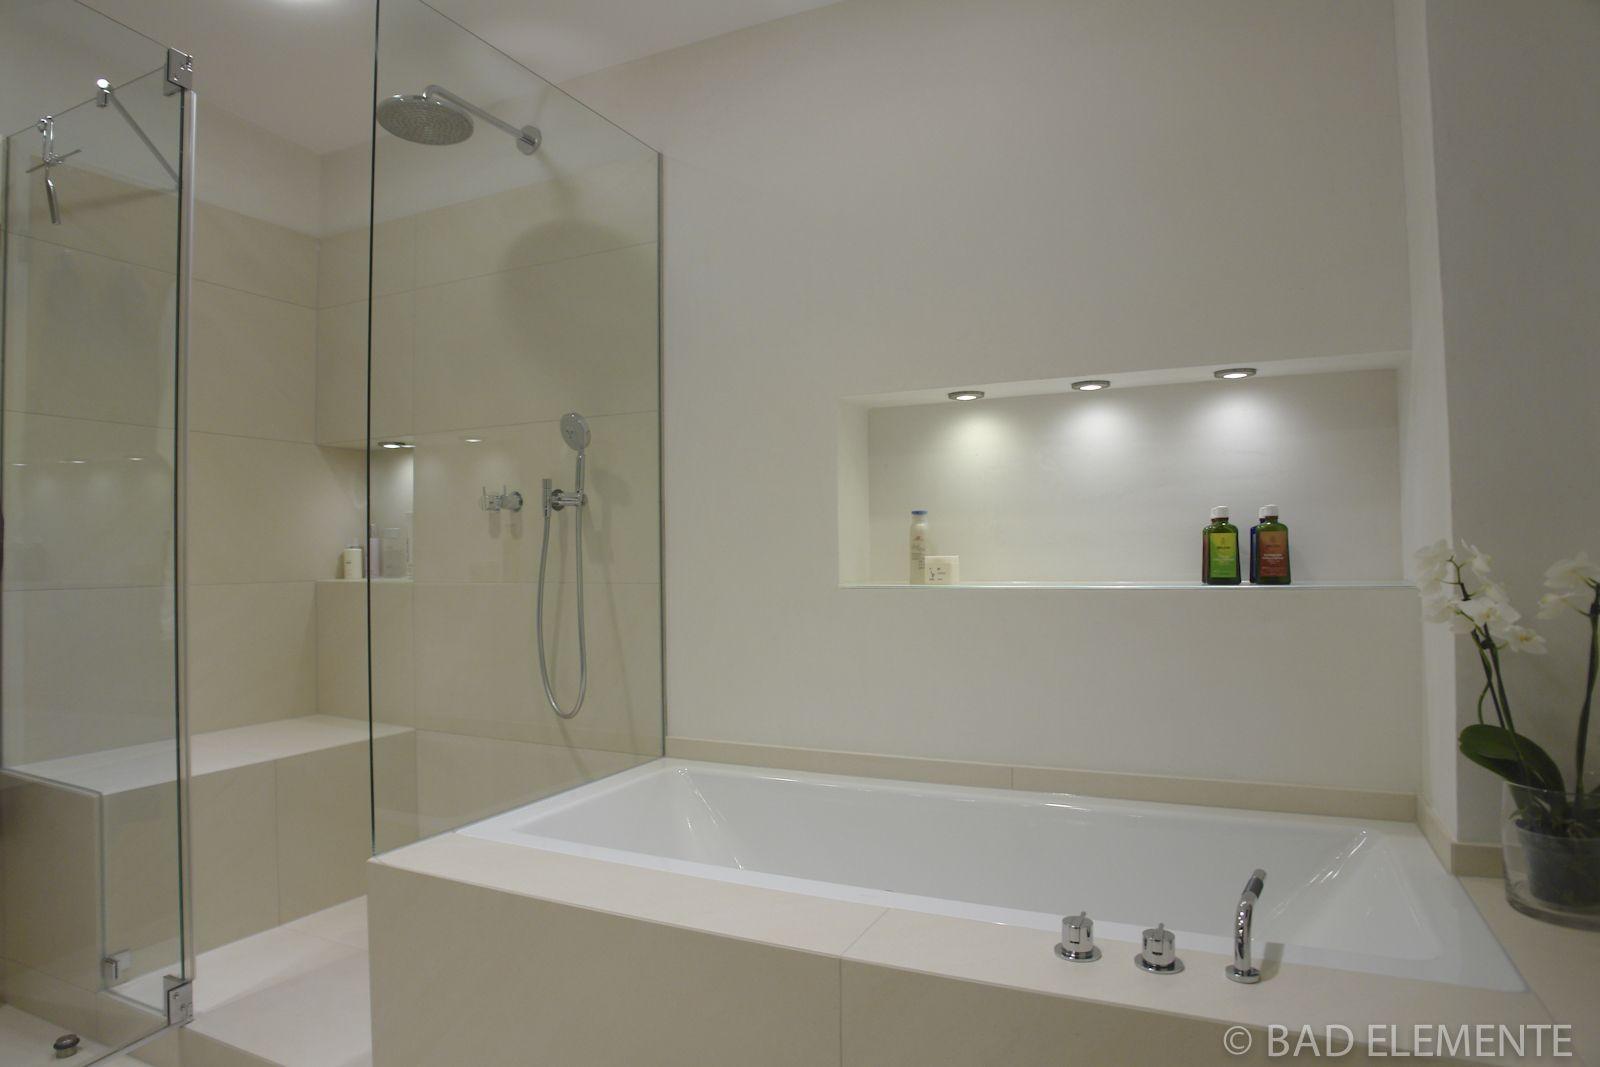 Bad   Dusche und Badewanne   Bad badewanne dusche, Bad ...